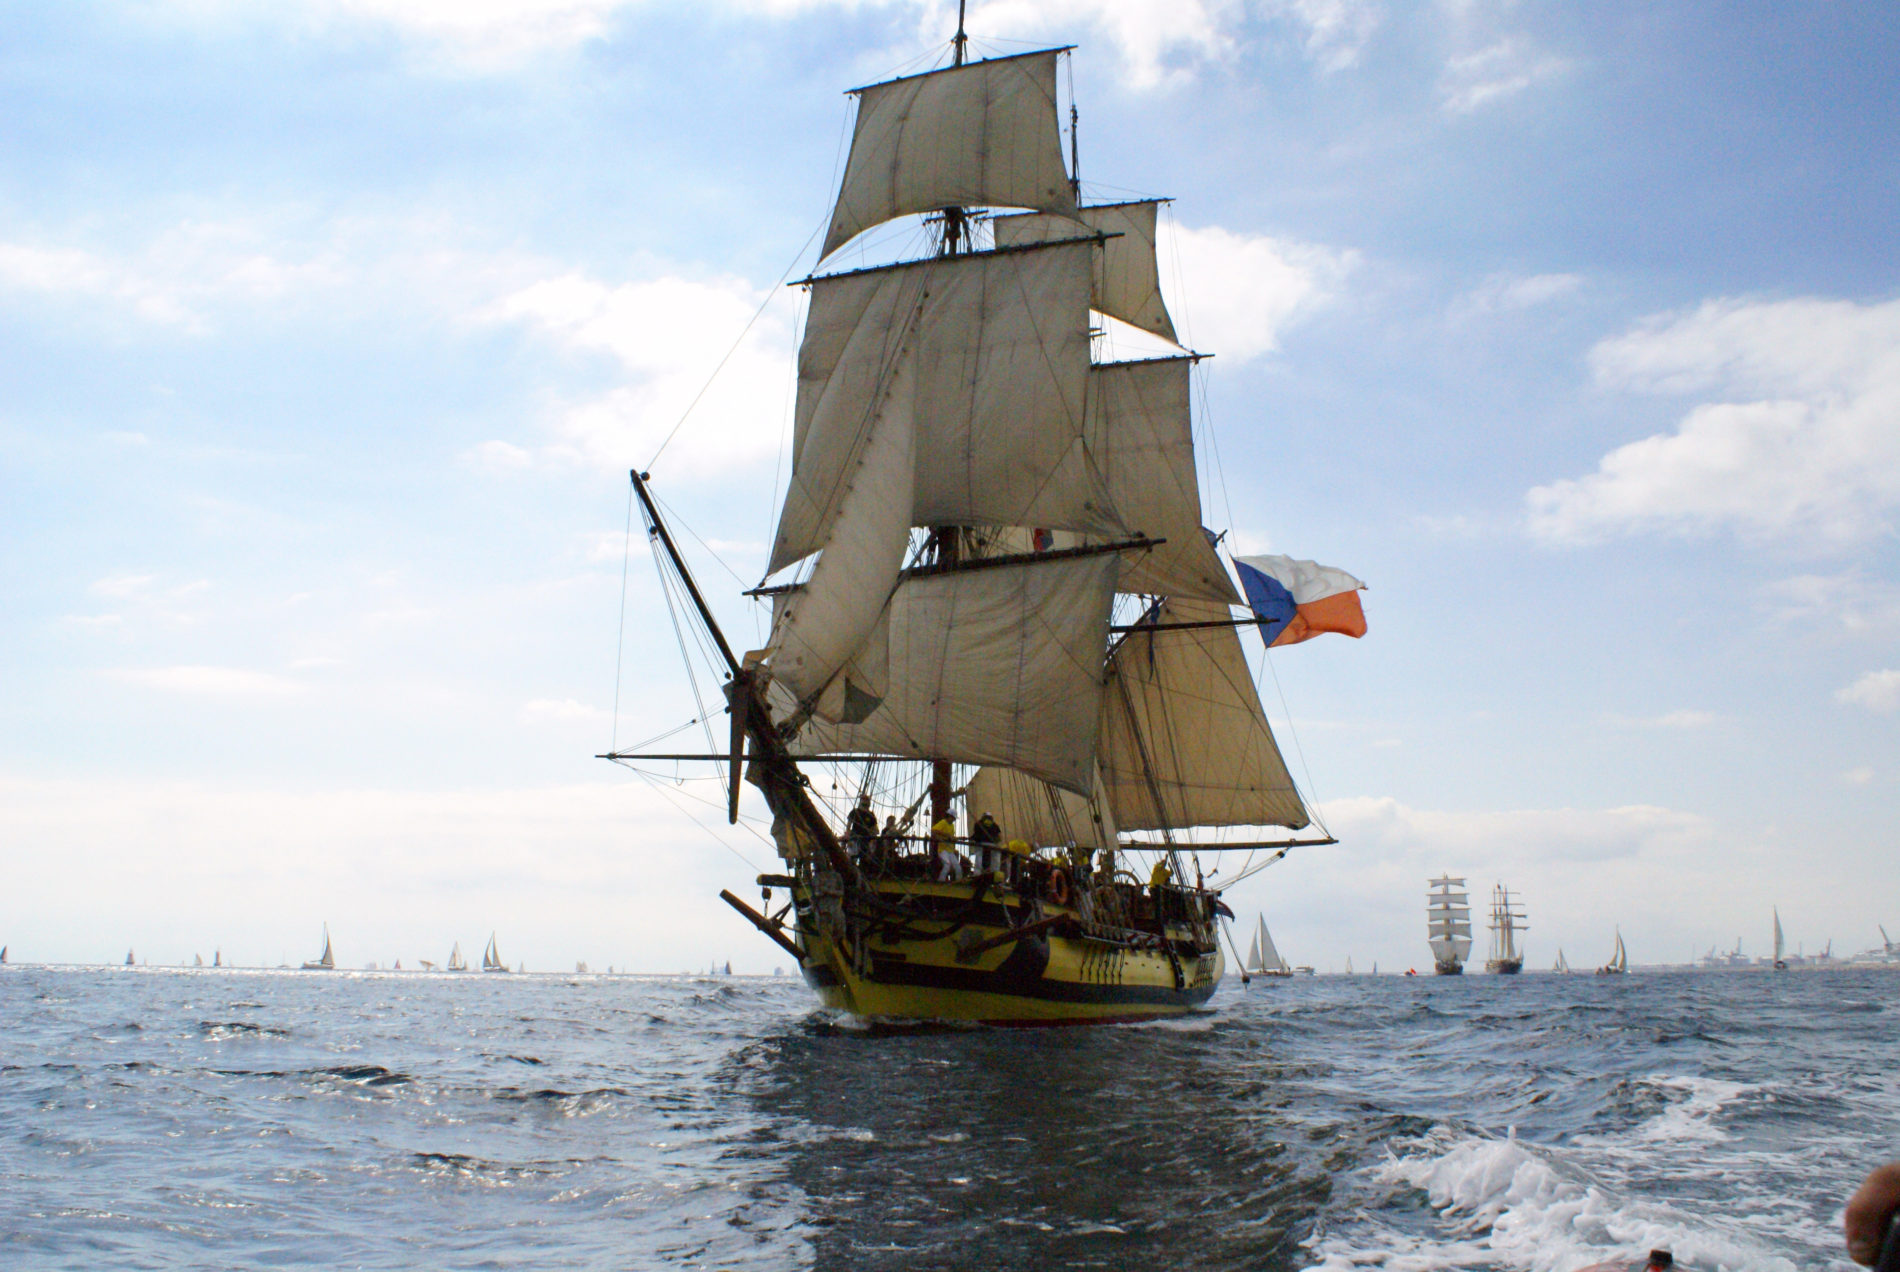 Tall Ship La Grace vaart door de zee met andere zeilboten op de achtergrond